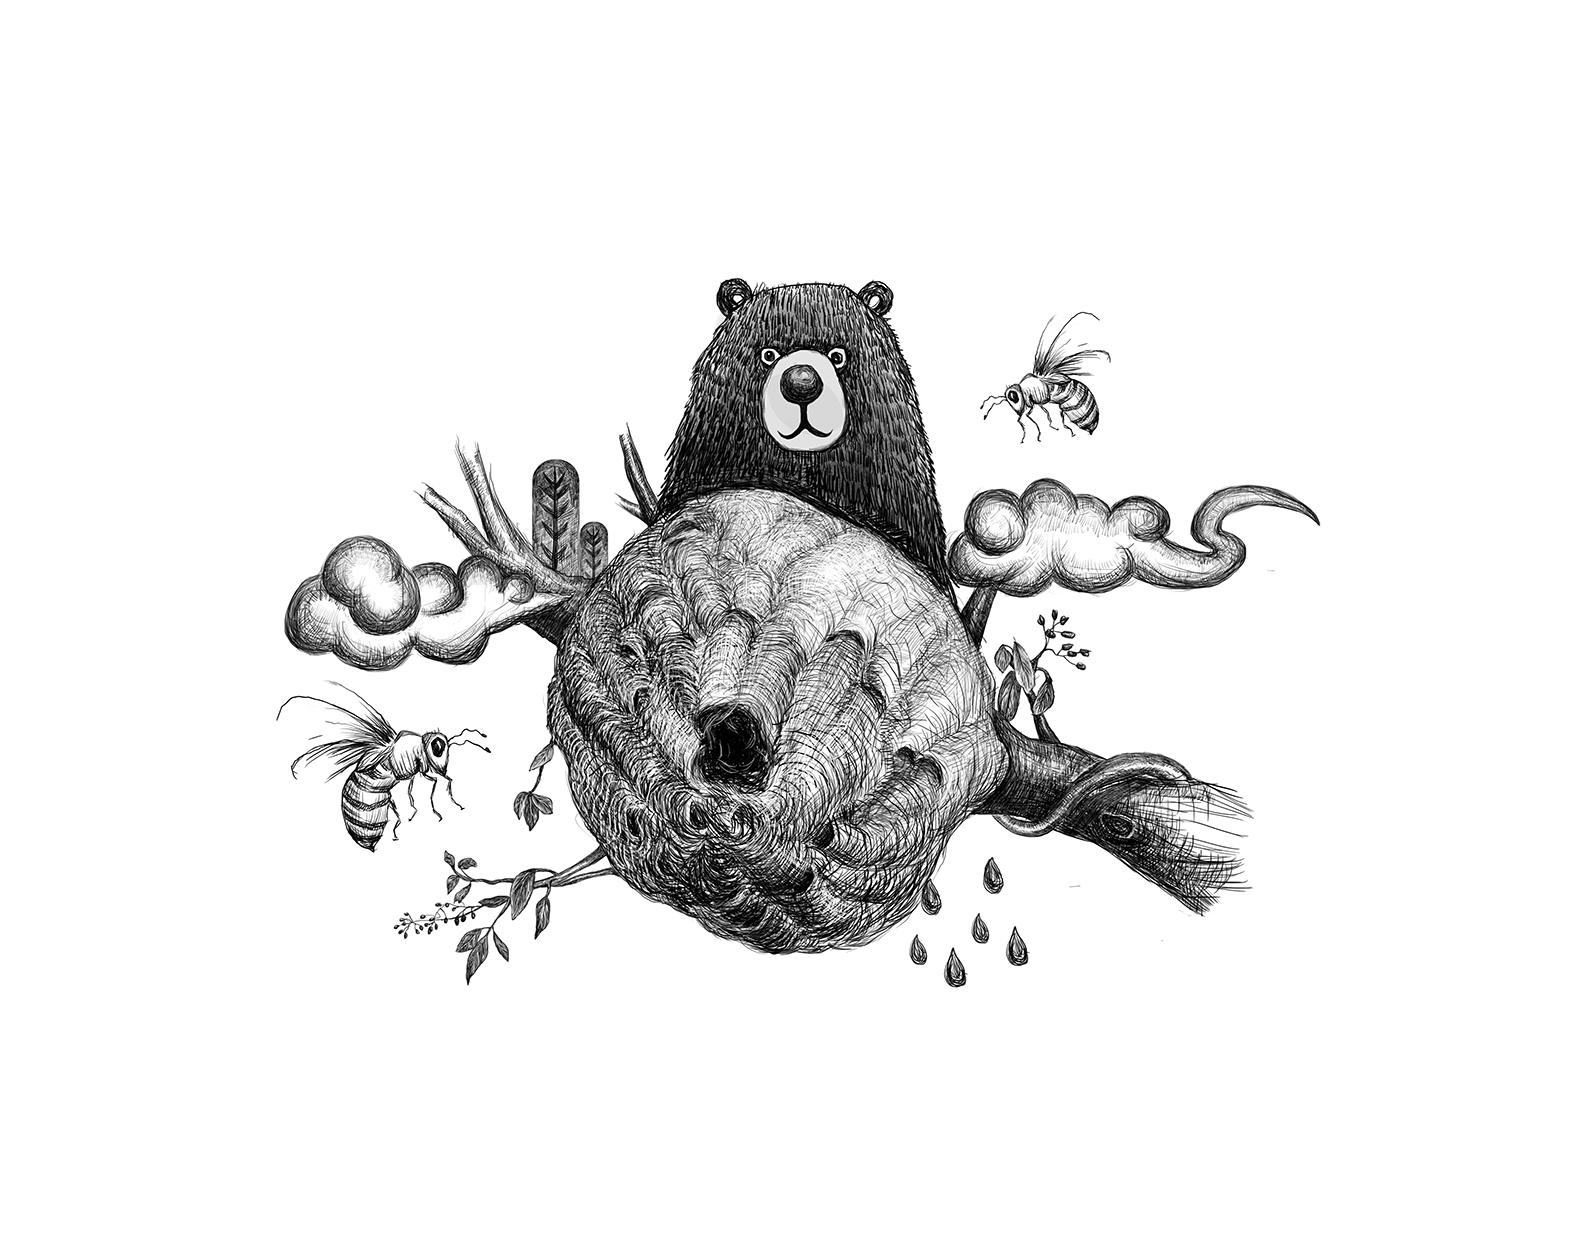 插画,蜂蜜,熊蜜蜂蜂巢,用于原型v插画大熊猫阿宝素描图片